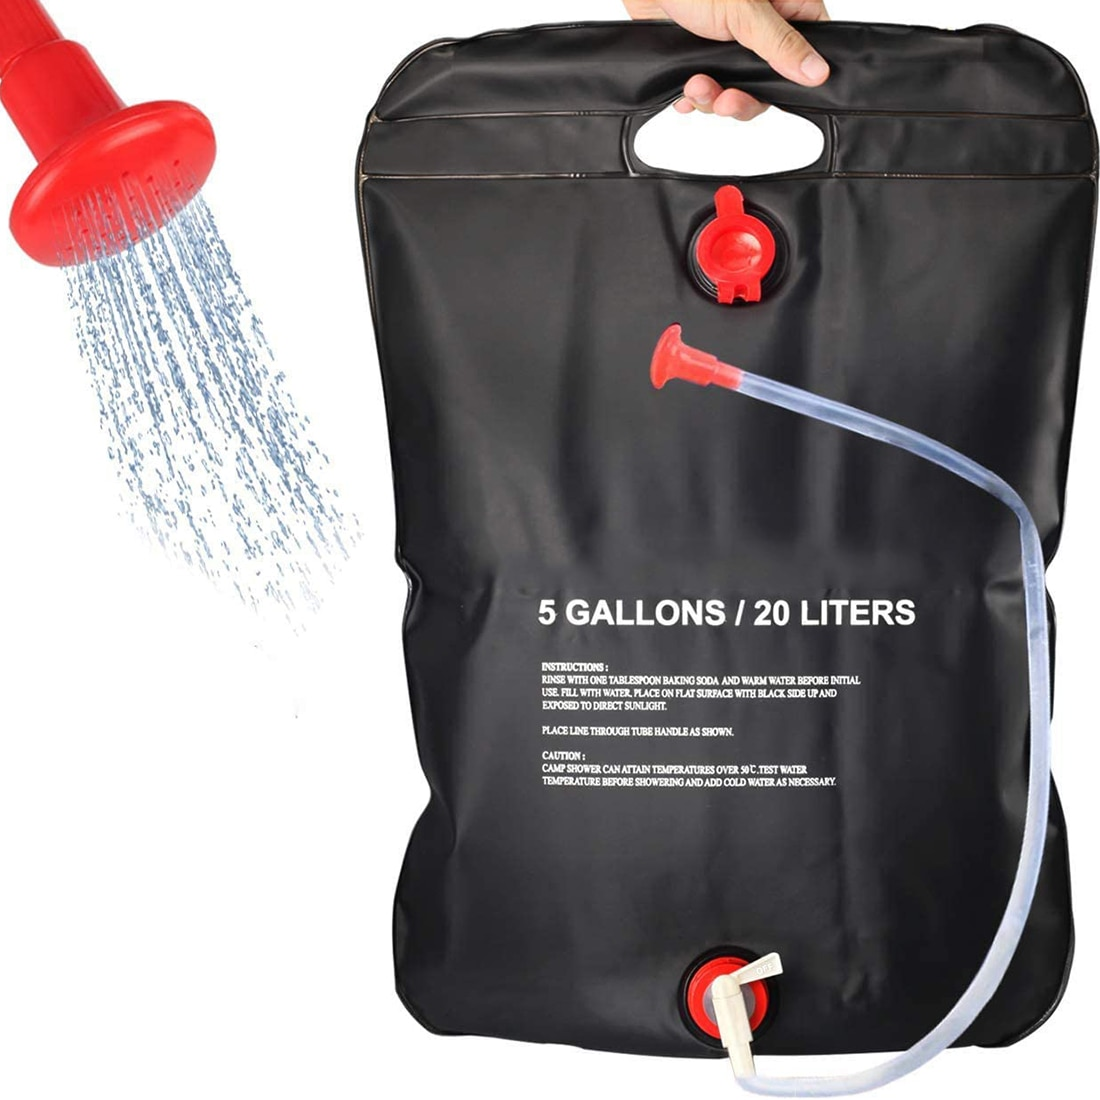 مجموعة حقيبة استحمام للتخييم 5 جالون/20L الشمسية المحمولة حقيبة مع التبديل خرطوم و دش رئيس للخارجية التنزه نزهة السباحة